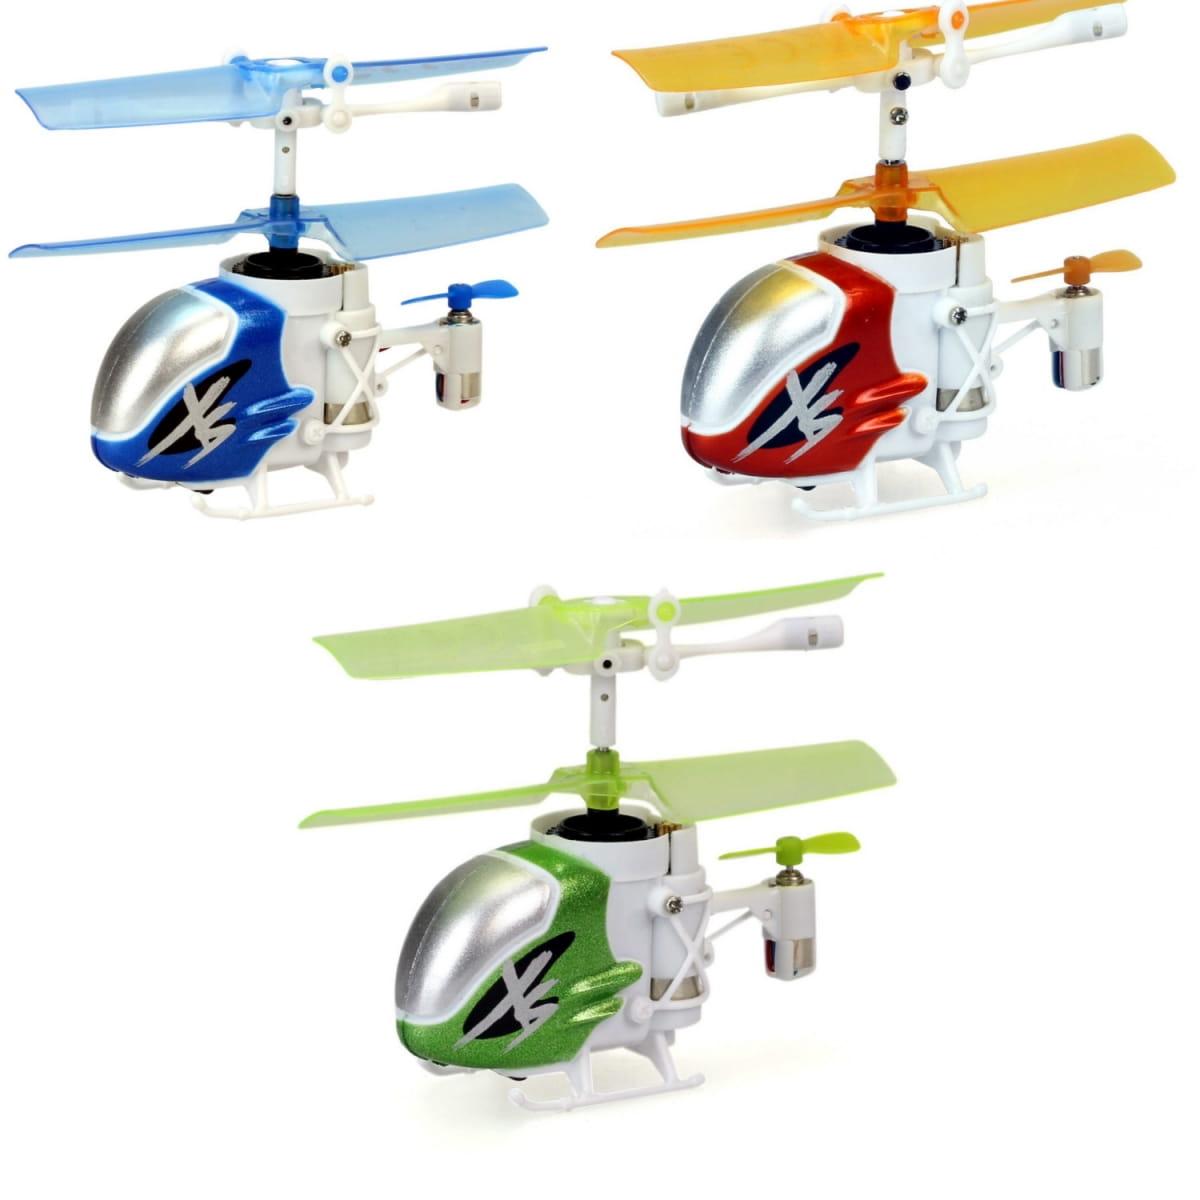 Радиоуправляемый вертолет SILVERLIT Нано Фалкон XS